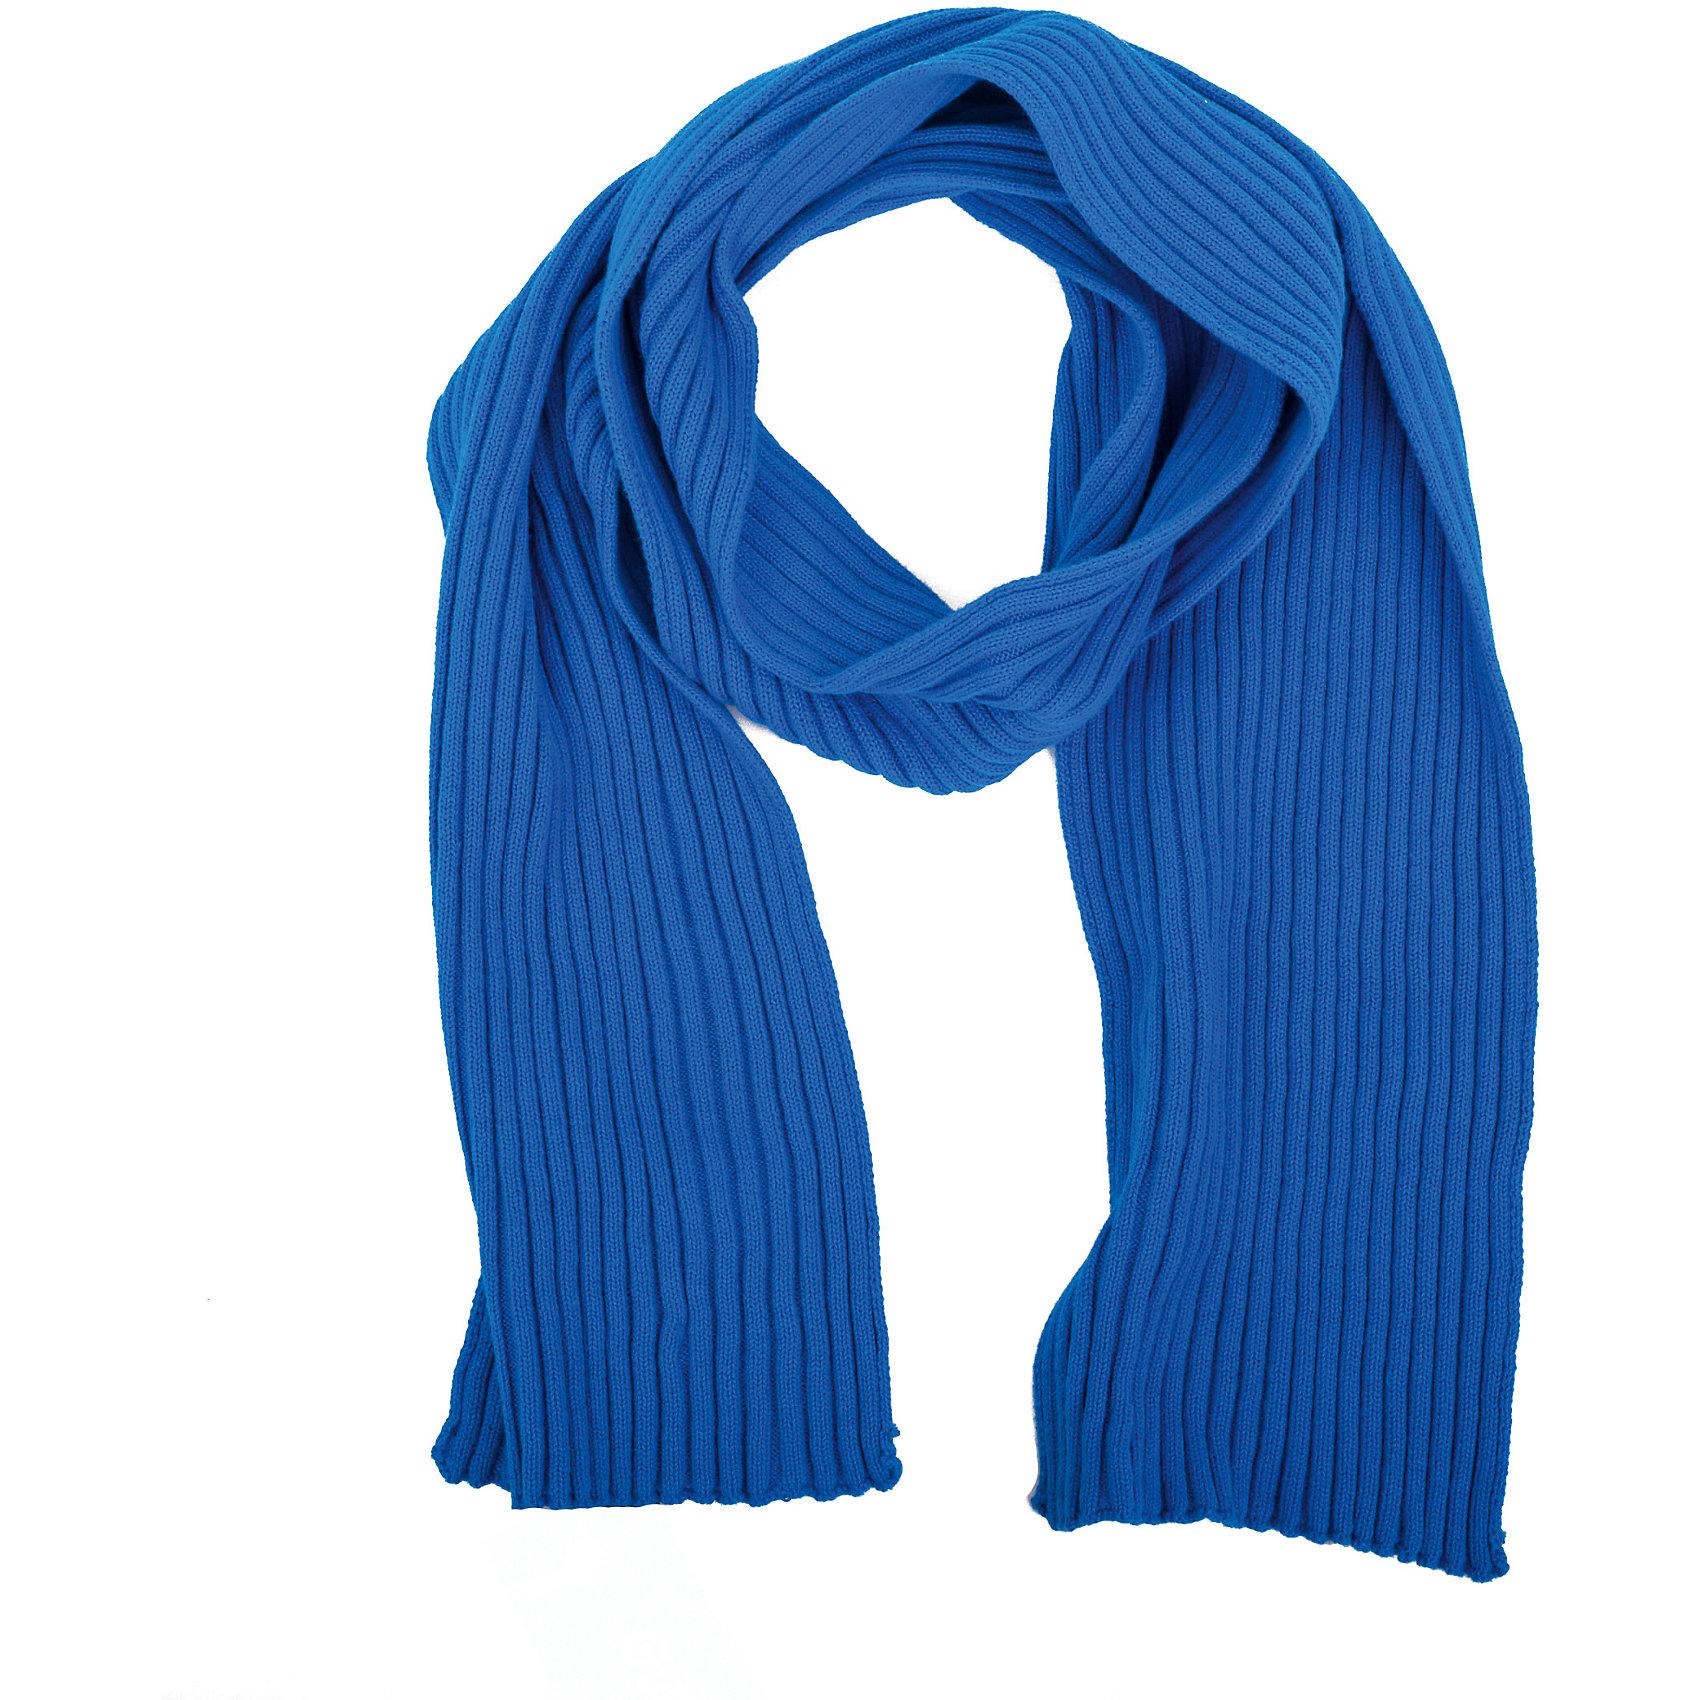 Шарф для мальчика GulliverСтильный вязаный шарф - важный элемент повседневного образа. Он защитит юного модника от весенней прохлады, а также придаст образу элегантную небрежность. Если вы хотите купить детский шарф не только для тепла и уюта, но и для создания завершенного весеннего лука, яркий синий шарф из мягкого хлопка - прекрасный выбор!<br>Состав:<br>100% хлопок<br><br>Ширина мм: 88<br>Глубина мм: 155<br>Высота мм: 26<br>Вес г: 106<br>Цвет: синий<br>Возраст от месяцев: 24<br>Возраст до месяцев: 72<br>Пол: Мужской<br>Возраст: Детский<br>Размер: one size<br>SKU: 5483946